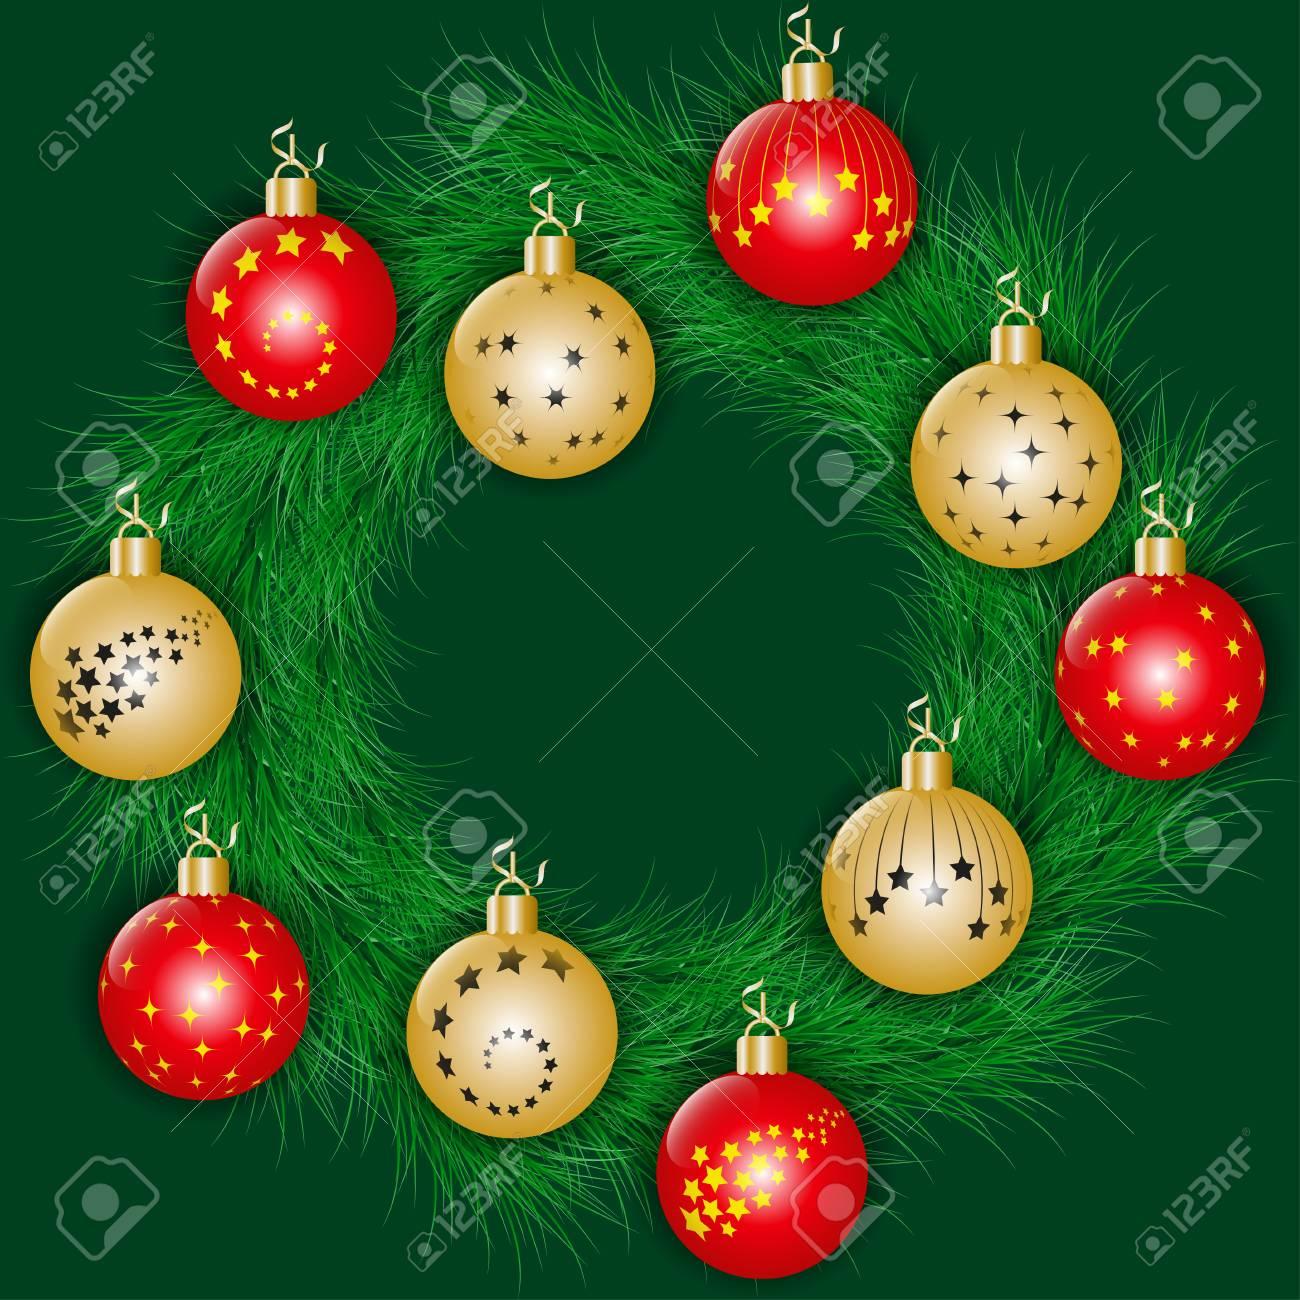 9903e2e09e7 Corona de Navidad decorado bolas de Navidad rojas y doradas y cintas  doradas. Ilustración vectorial